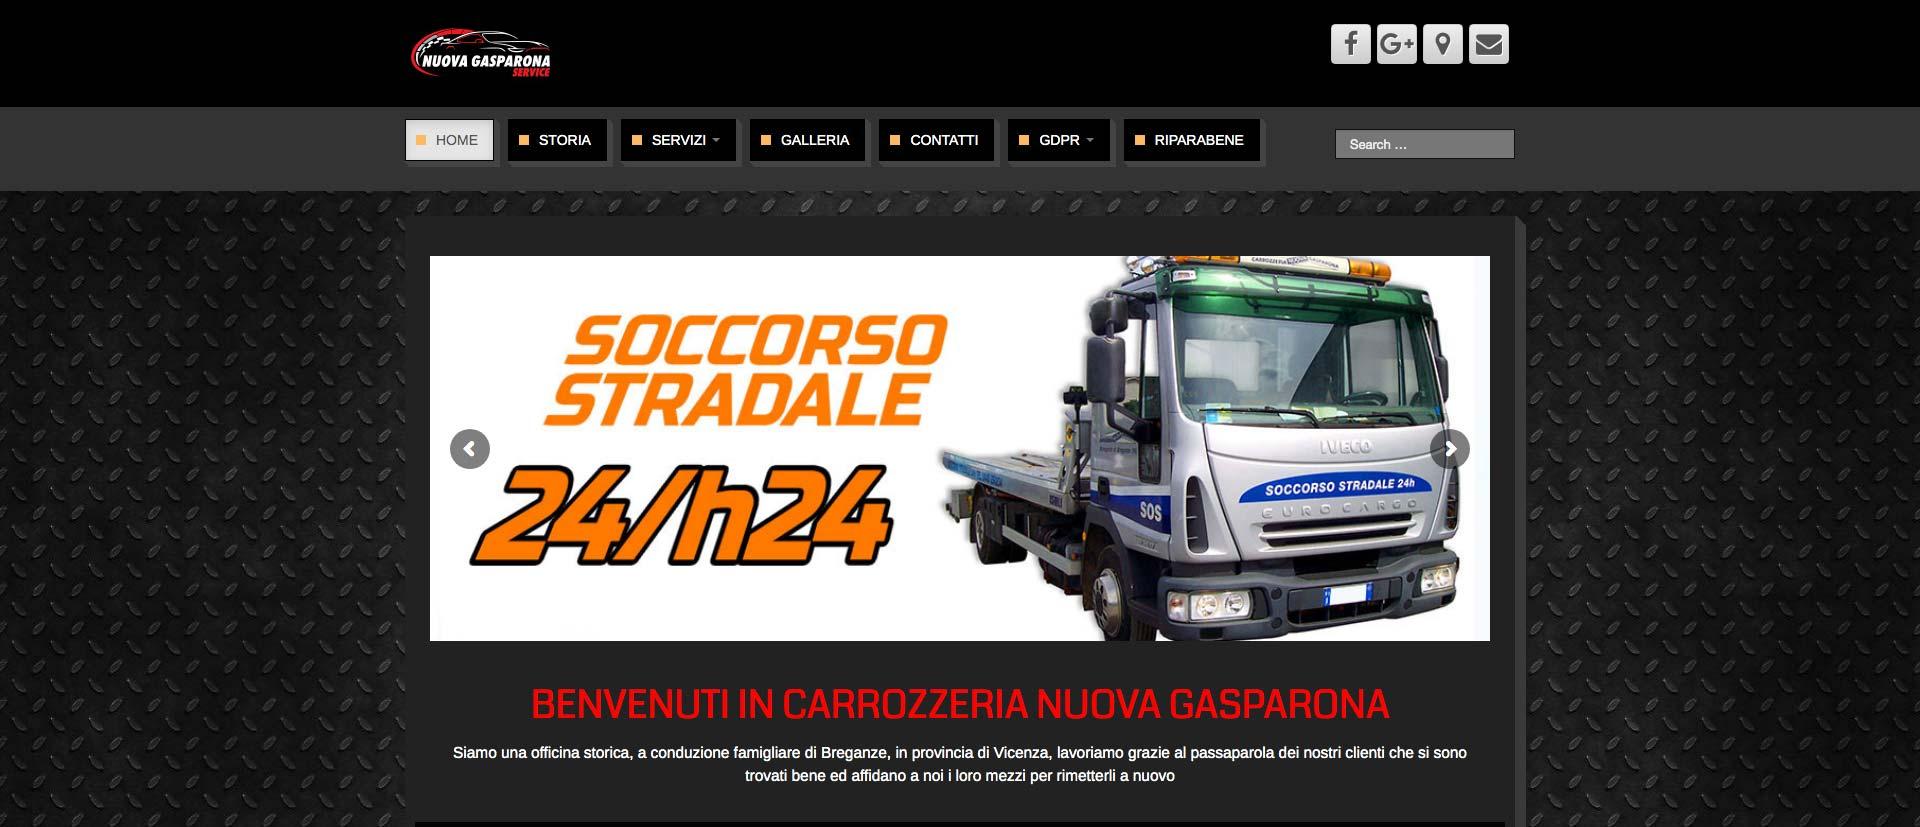 Nuova Gasparona Service